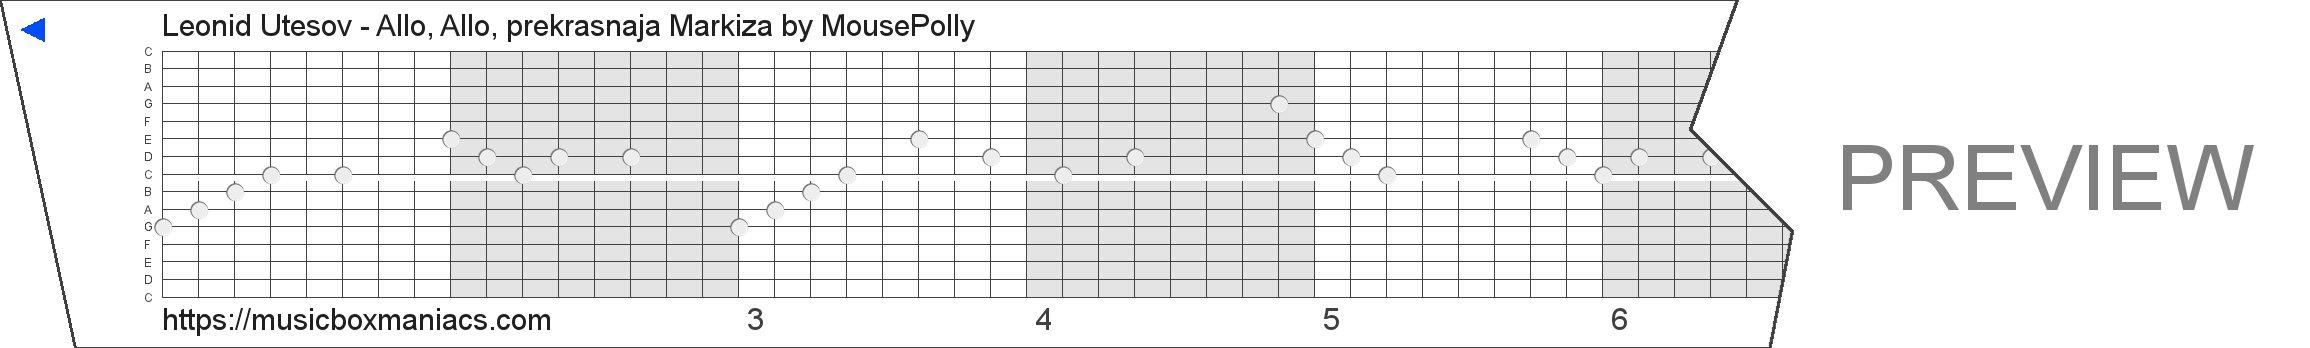 Leonid Utesov - Allo, Allo, prekrasnaja Markiza 15 note music box paper strip